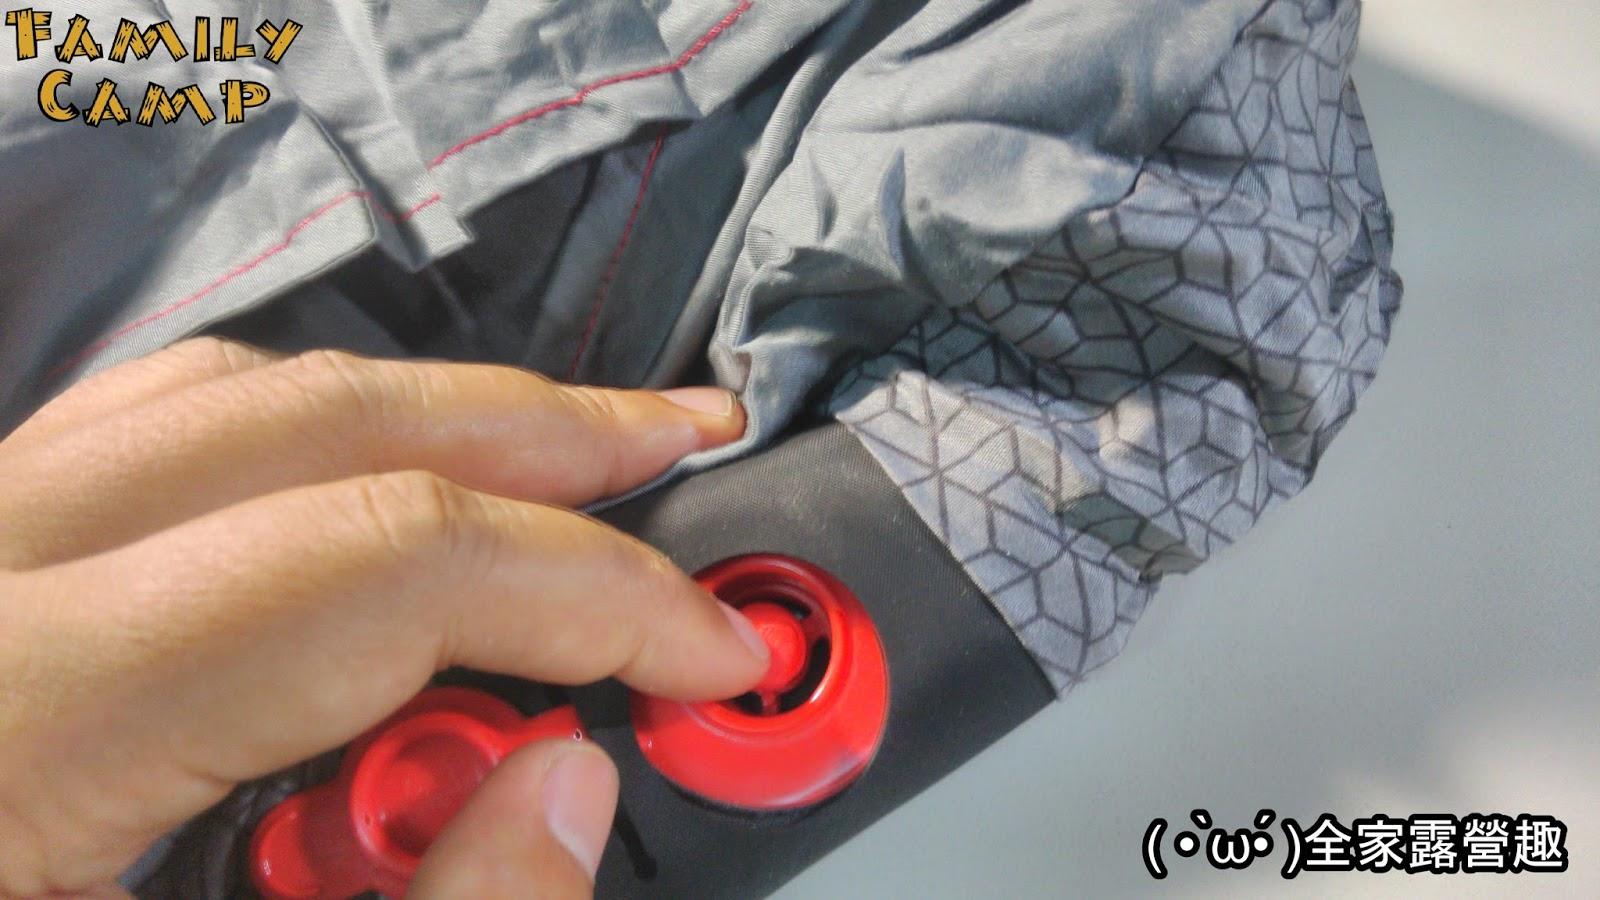 [露營枕頭] 迪卡儂舒適款露營充氣枕頭 QUECHUA - ( • ̀ω•́ )法蘭克黃:露營旅行雞絲頭~♪